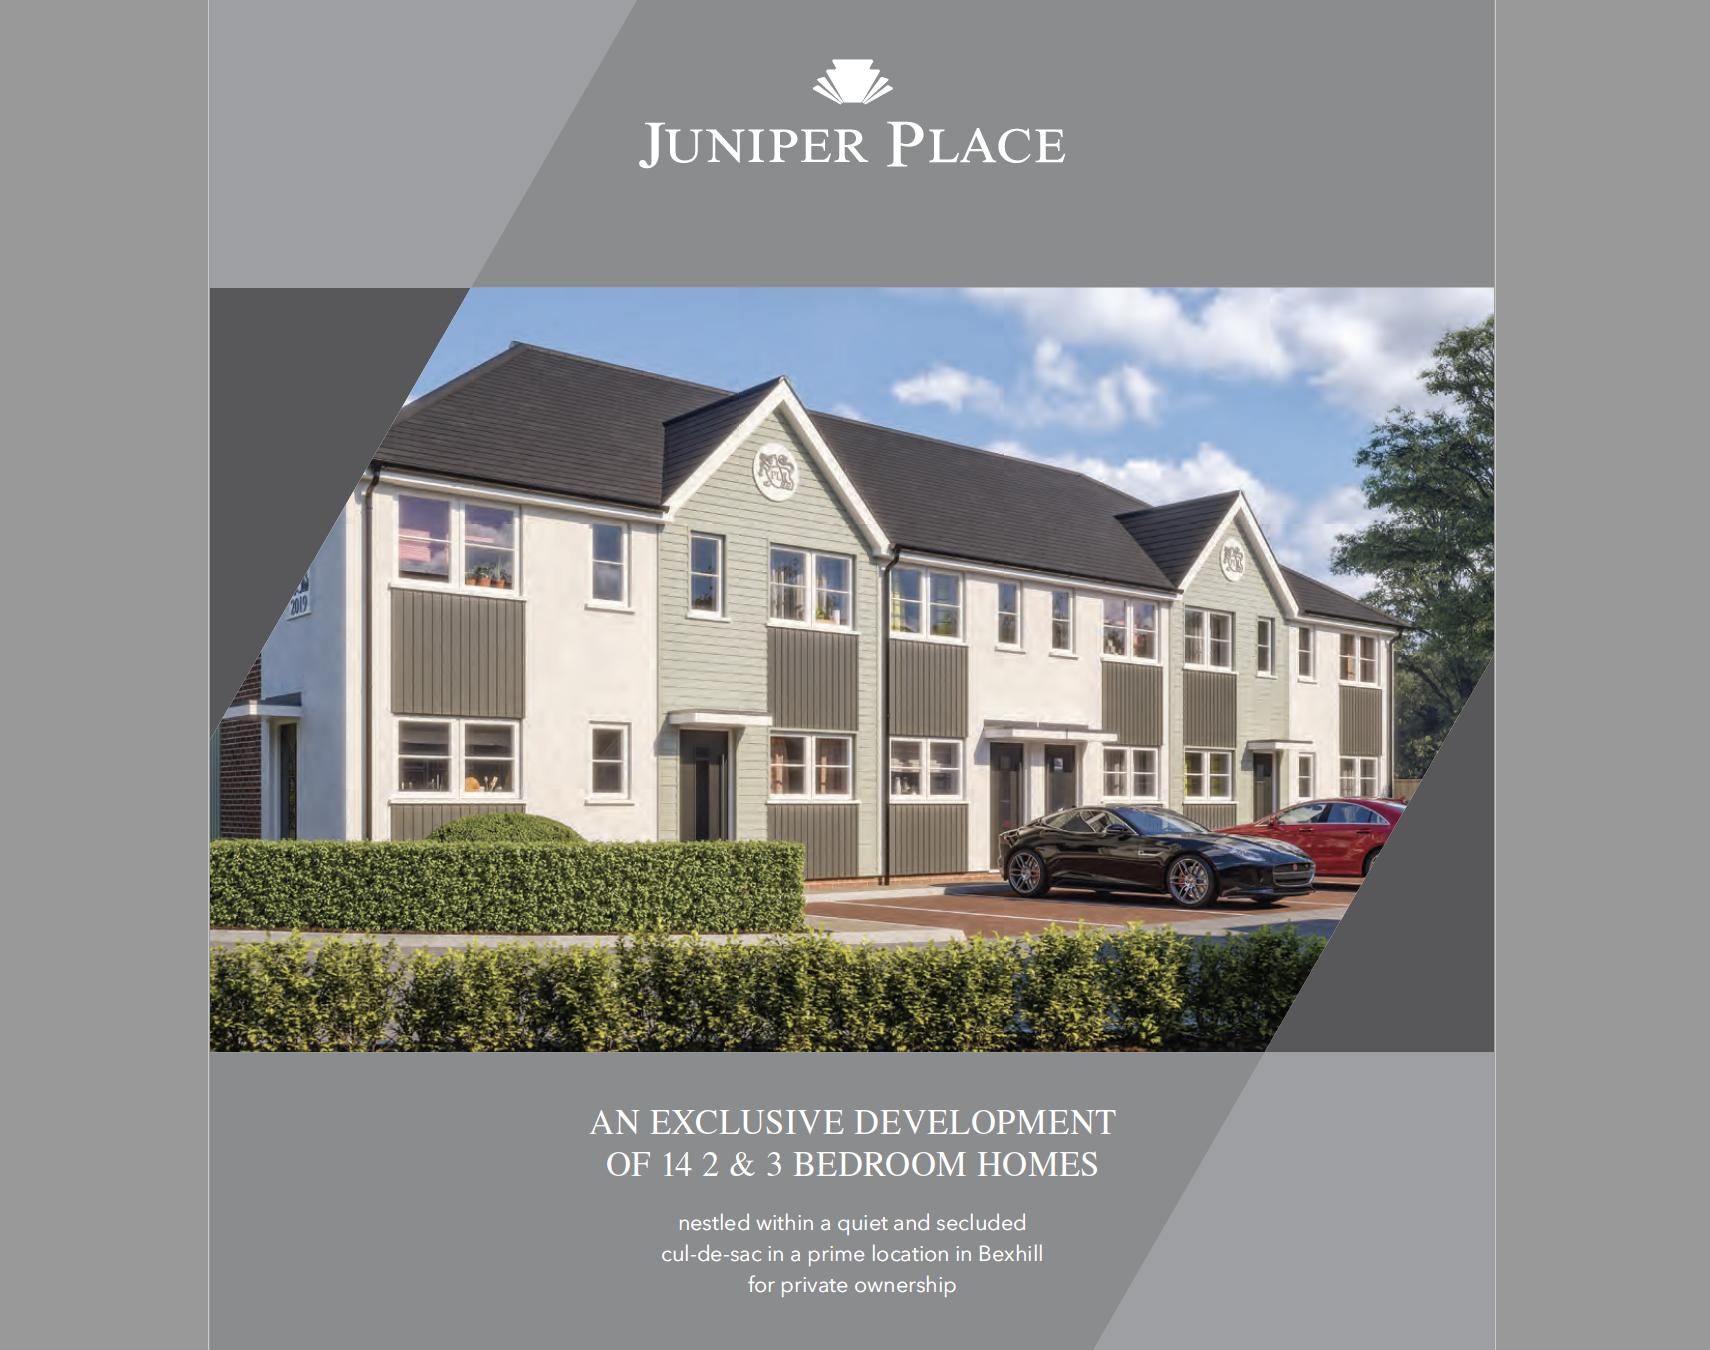 New Juniper Place Brochures